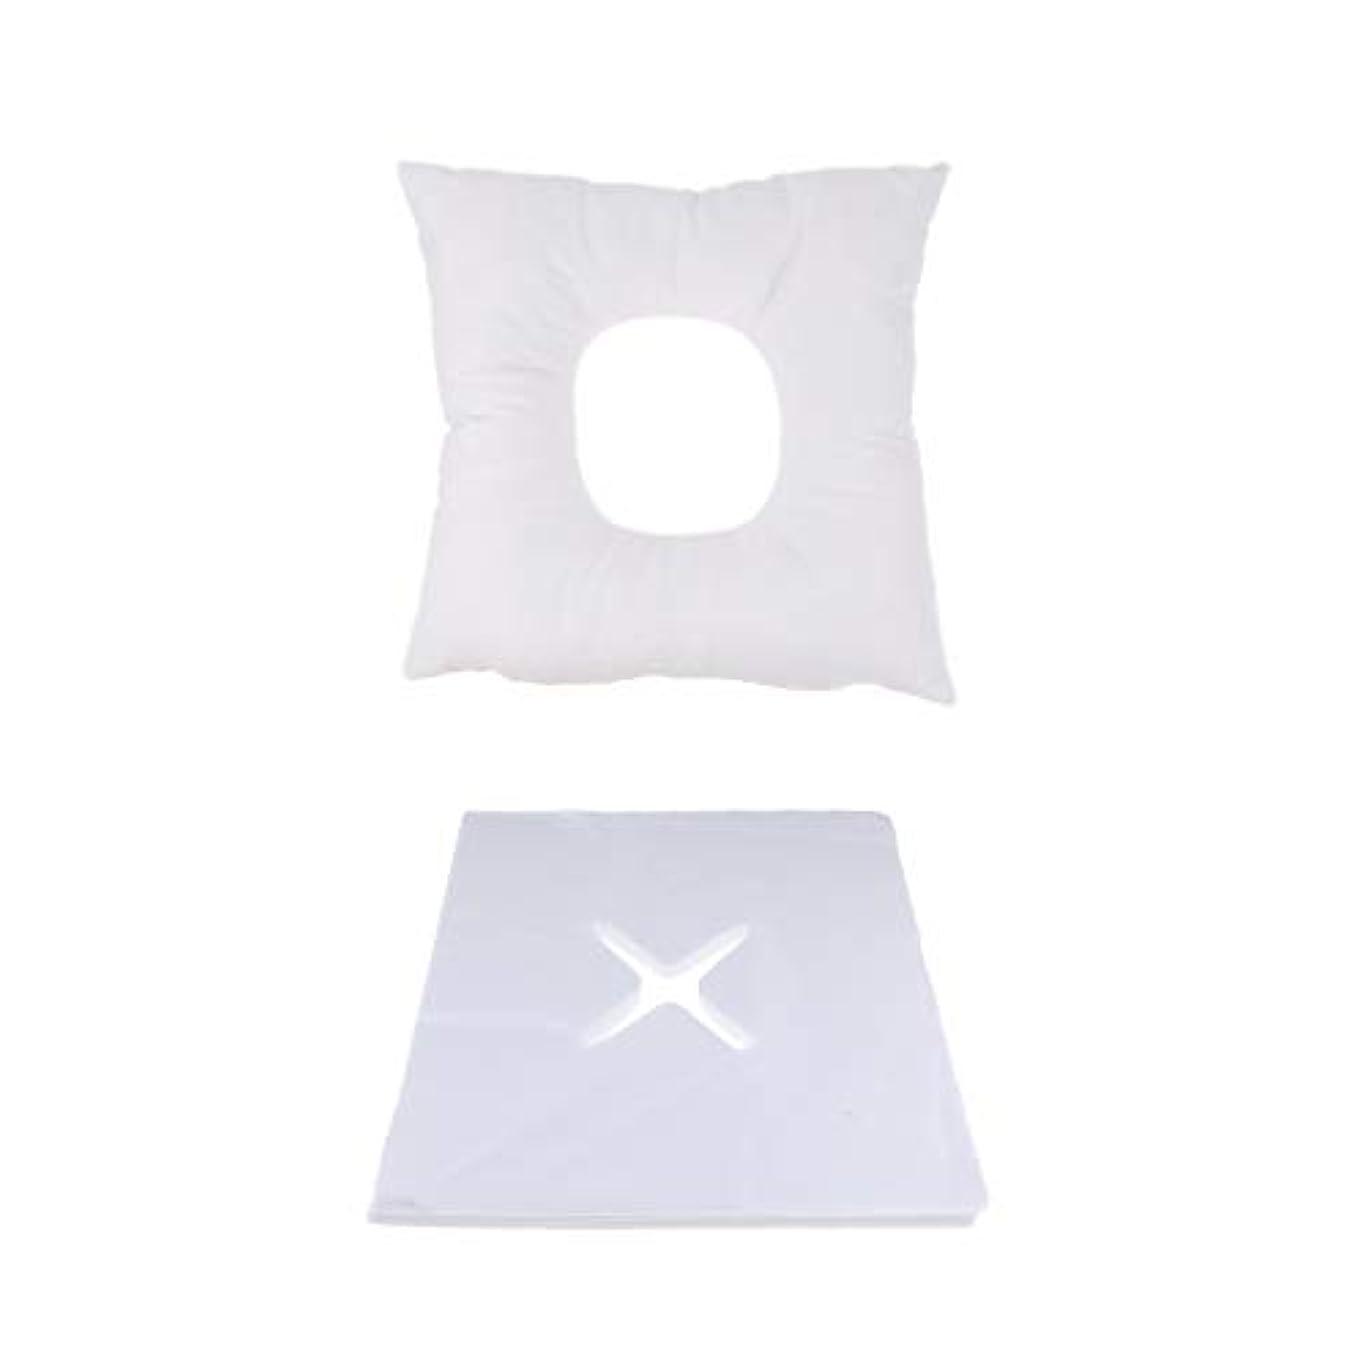 グッゲンハイム美術館持つ子猫マッサージ枕 顔枕 フェイスマット 寝枕 200個使い捨て枕カバー付 サロン?エステ用 家庭用